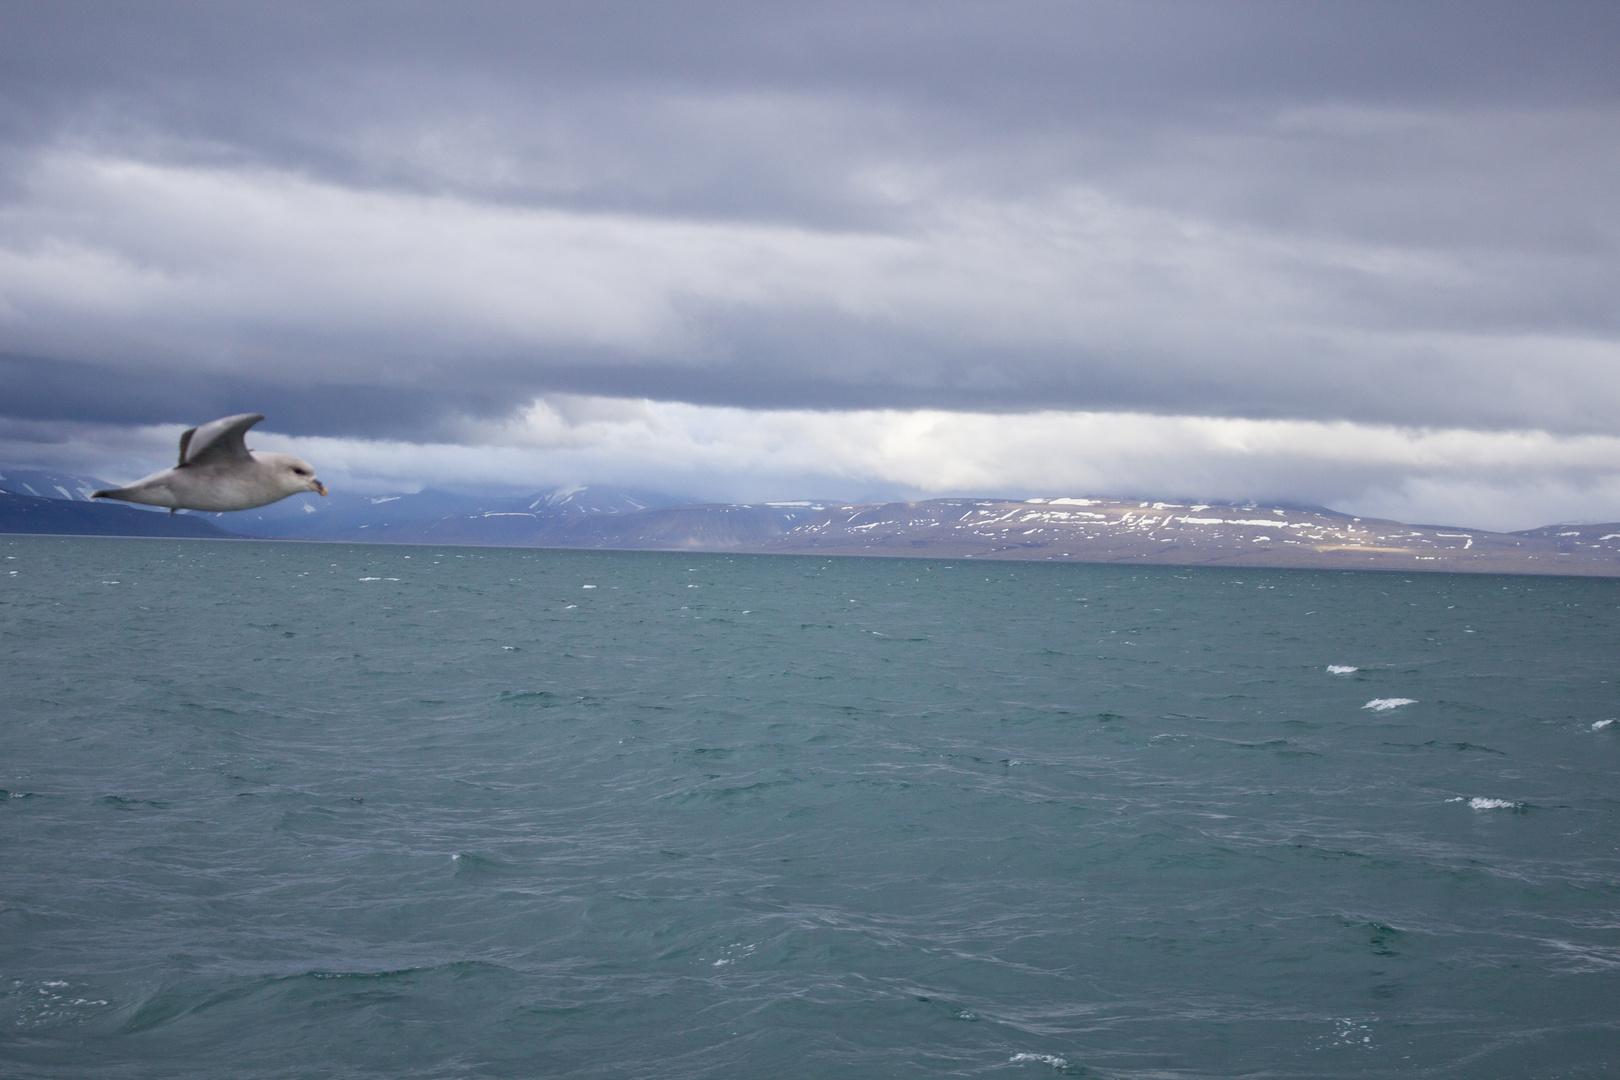 Eissturmvogel im Isfjorden auf der Insel spitzbergen